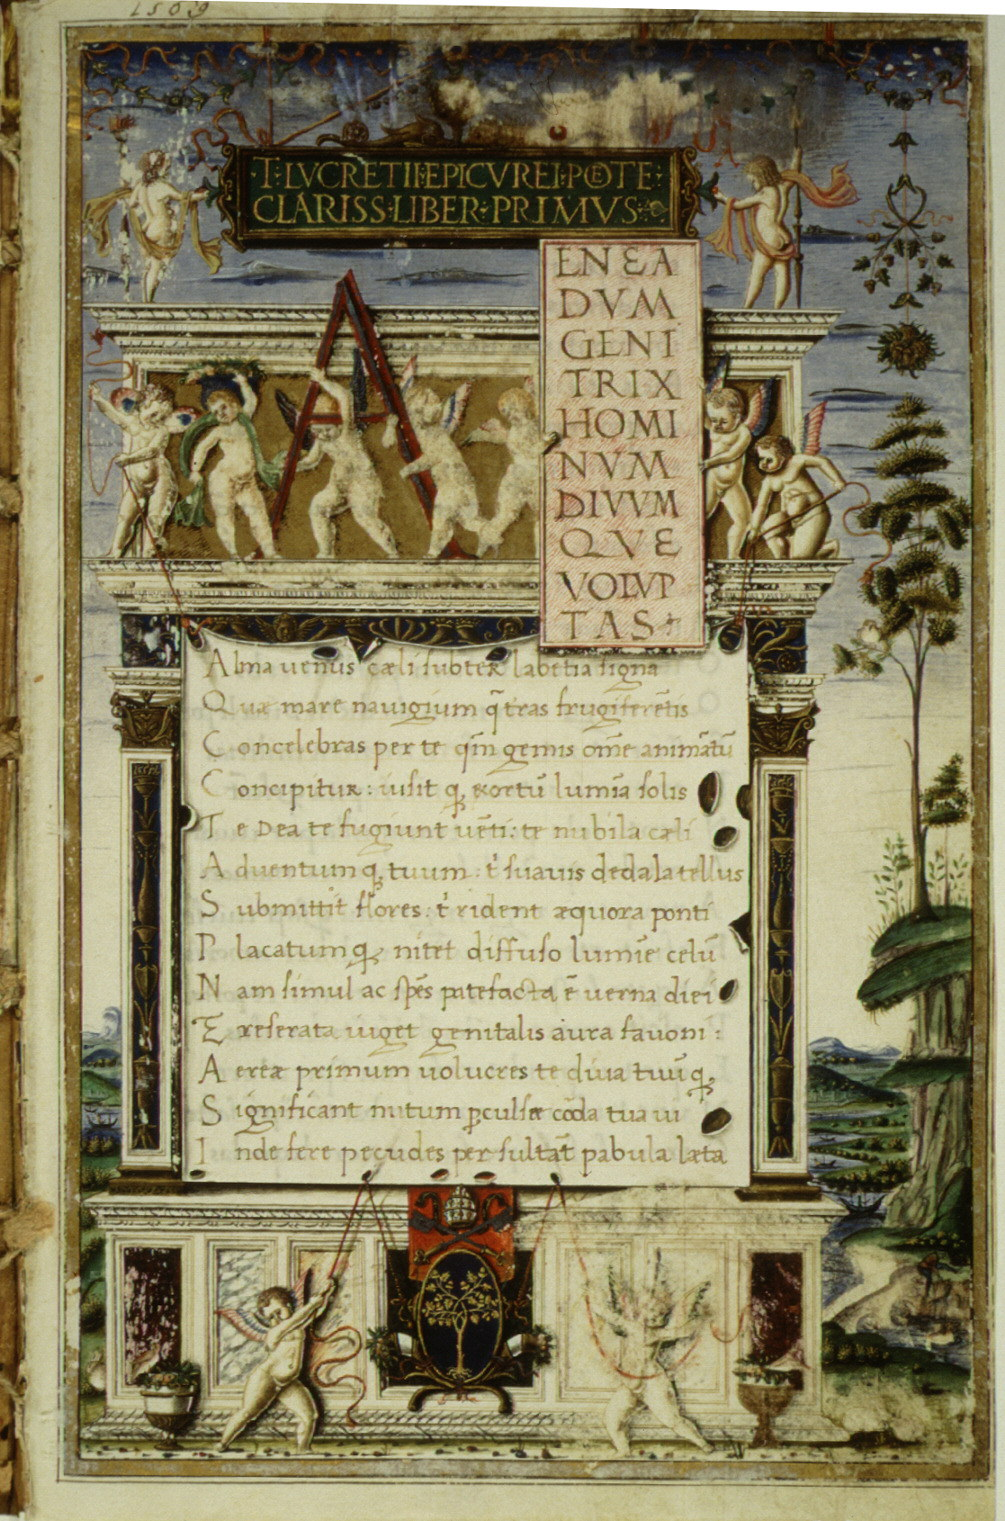 De rerum natura (Lucretius 54 B.C.)